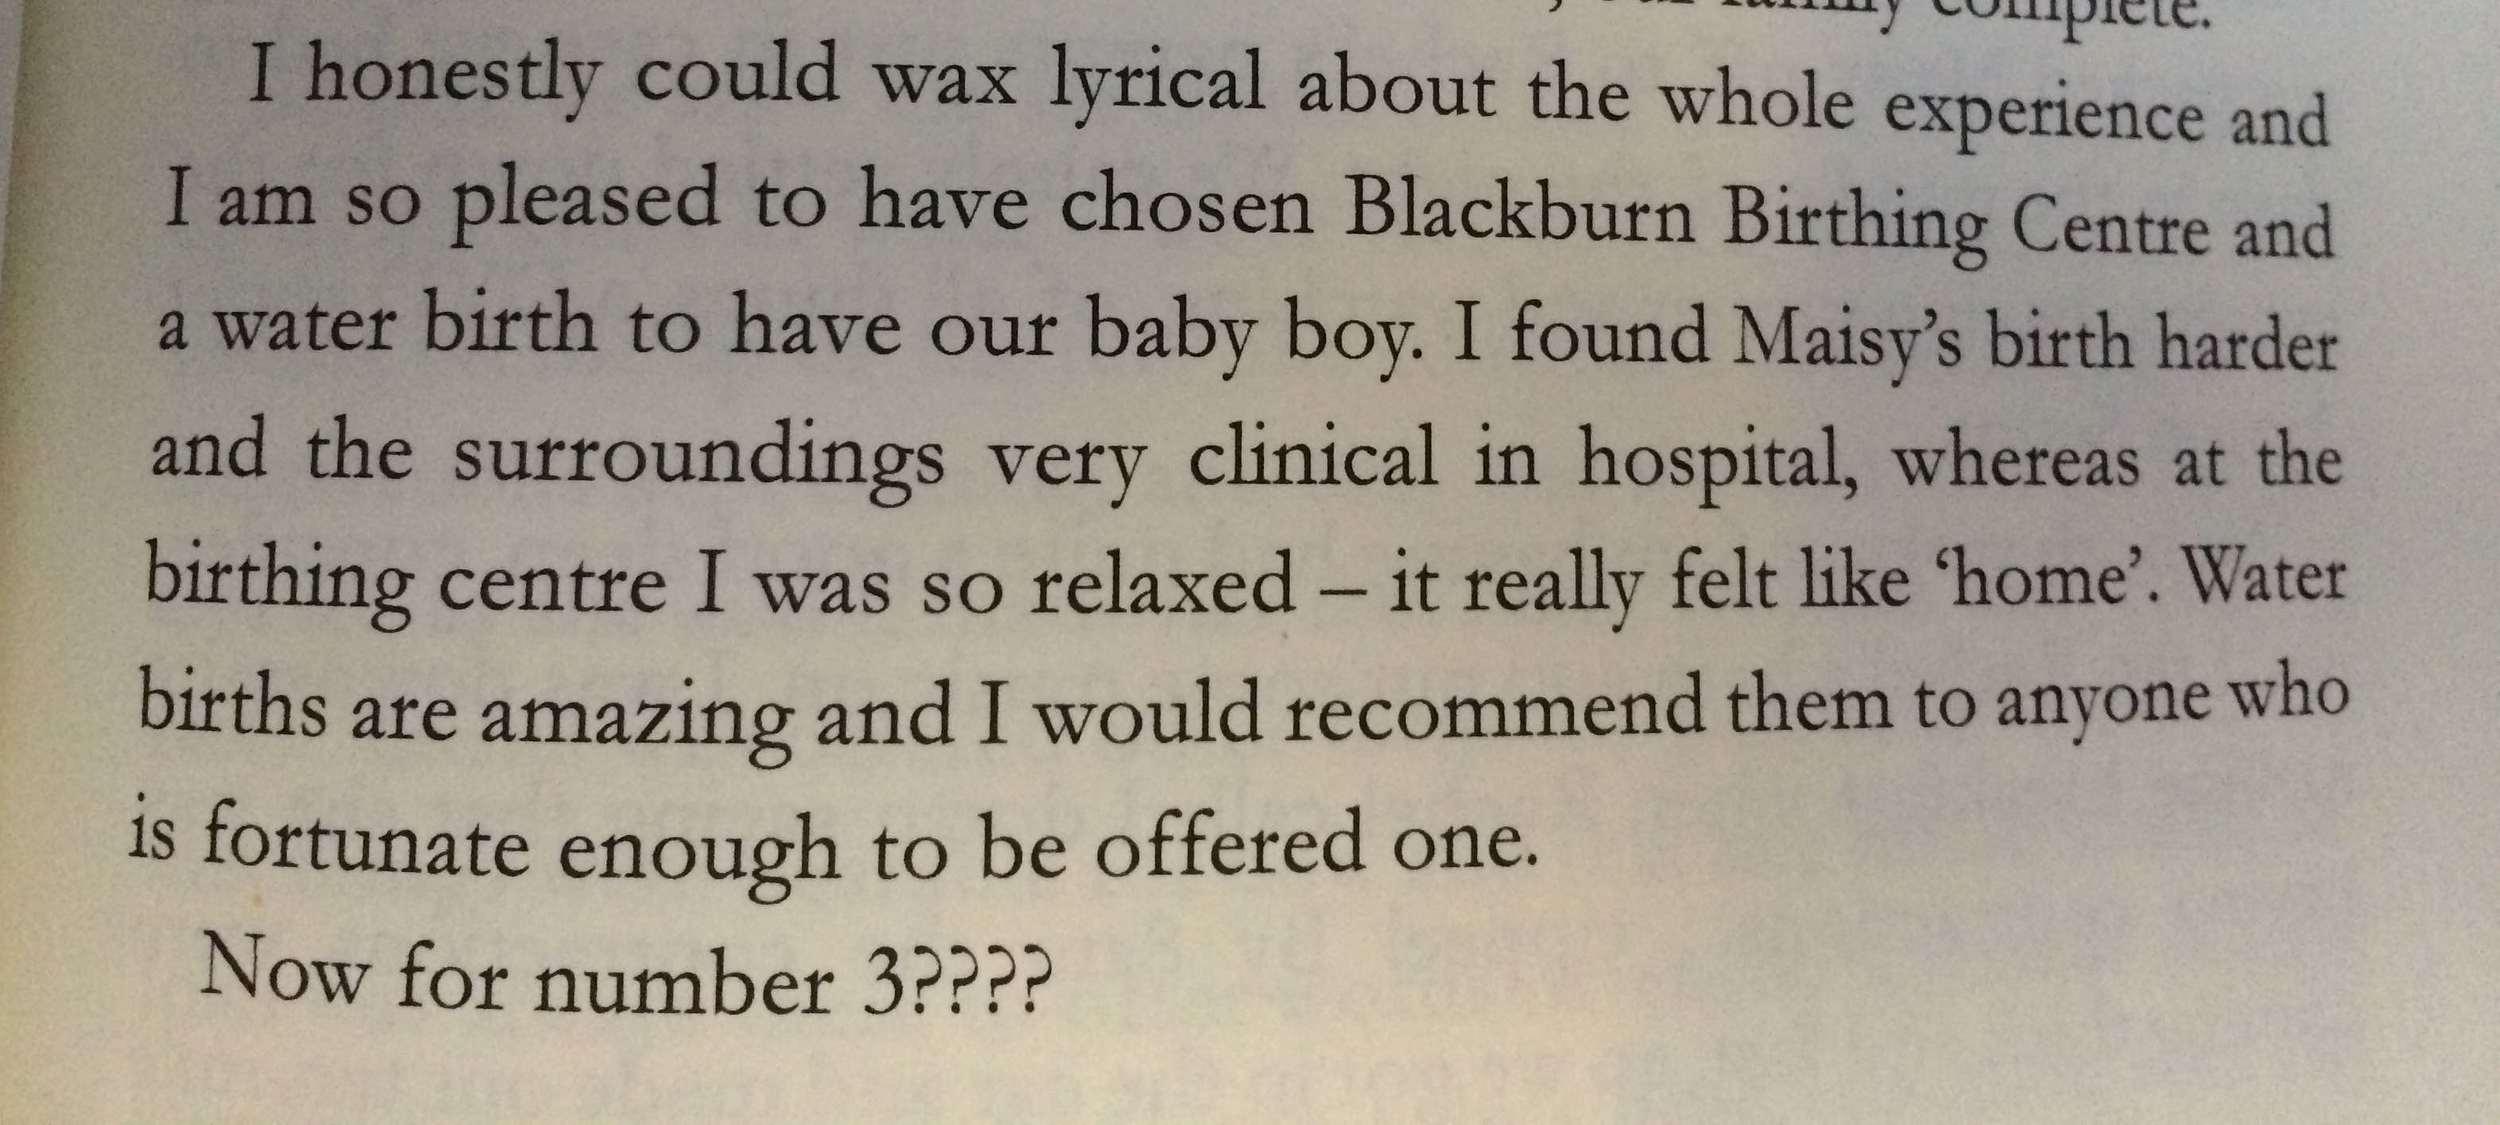 Excerpt from Rachel's water birth story